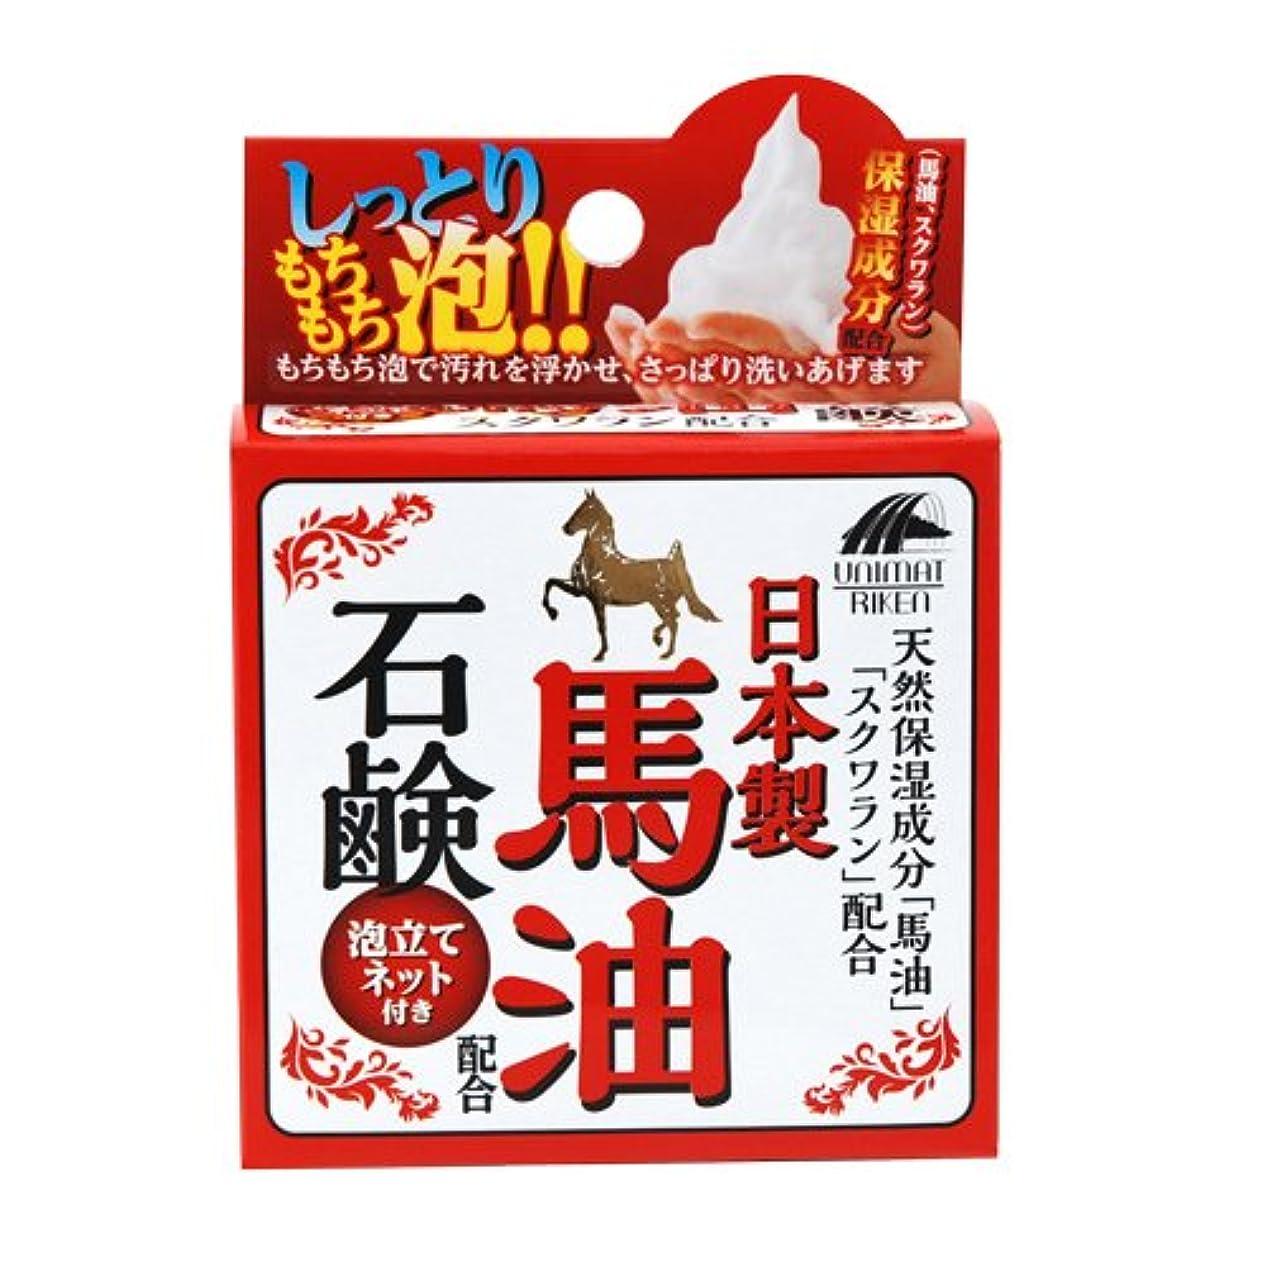 期待する正確な魅力ユニマットリケン馬油石鹸100g(10個購入価額)